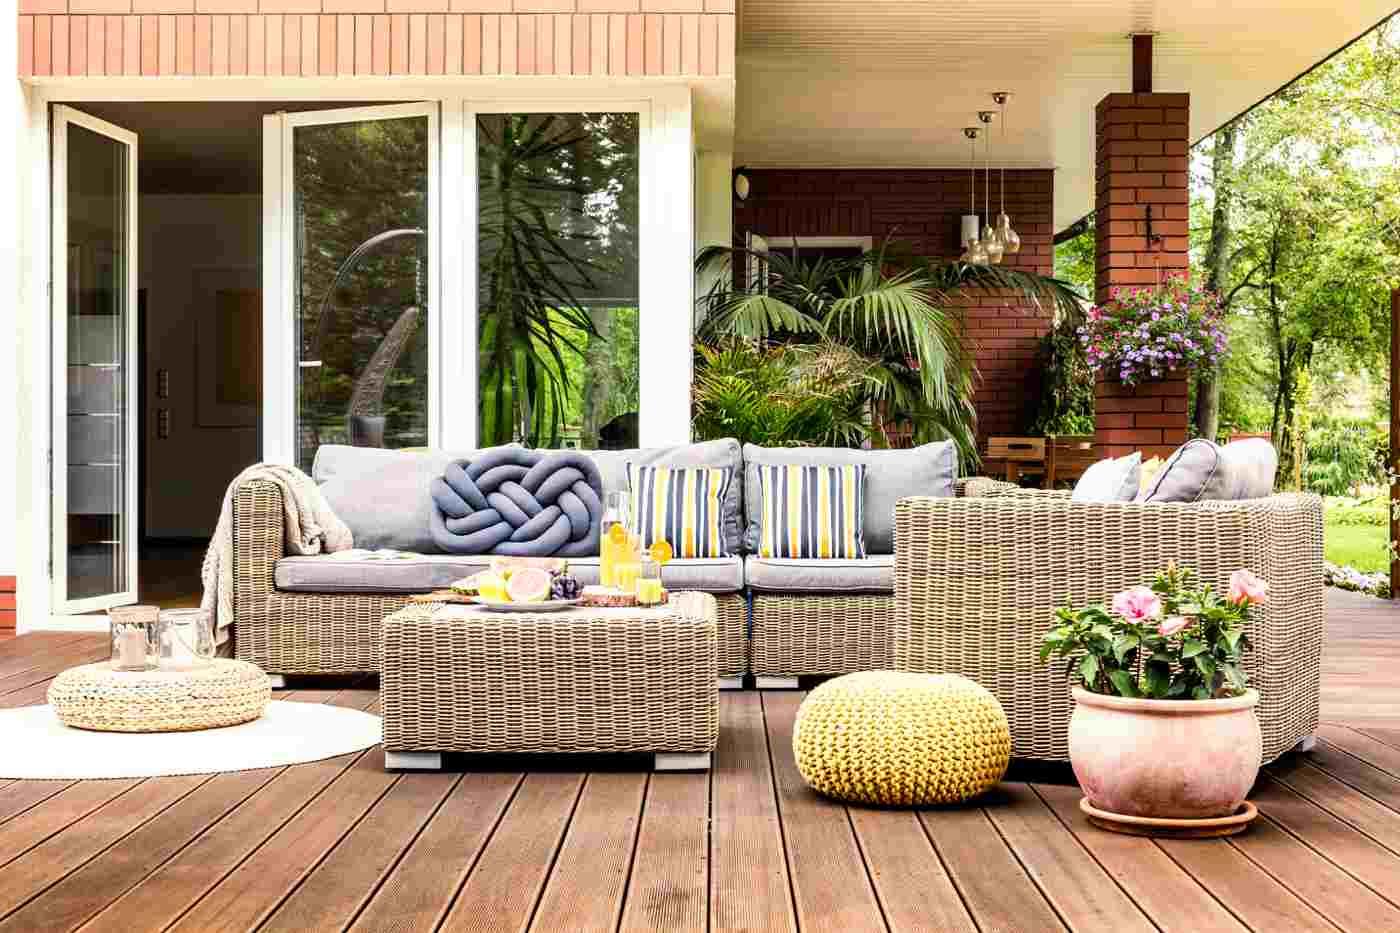 Full Size of Gartenmbel Trends Das Sind Tendenzen Fr 2020 Loungemöbel Garten Holz Lounge Sofa Möbel Günstig Set Sessel Wohnzimmer Terrassen Lounge